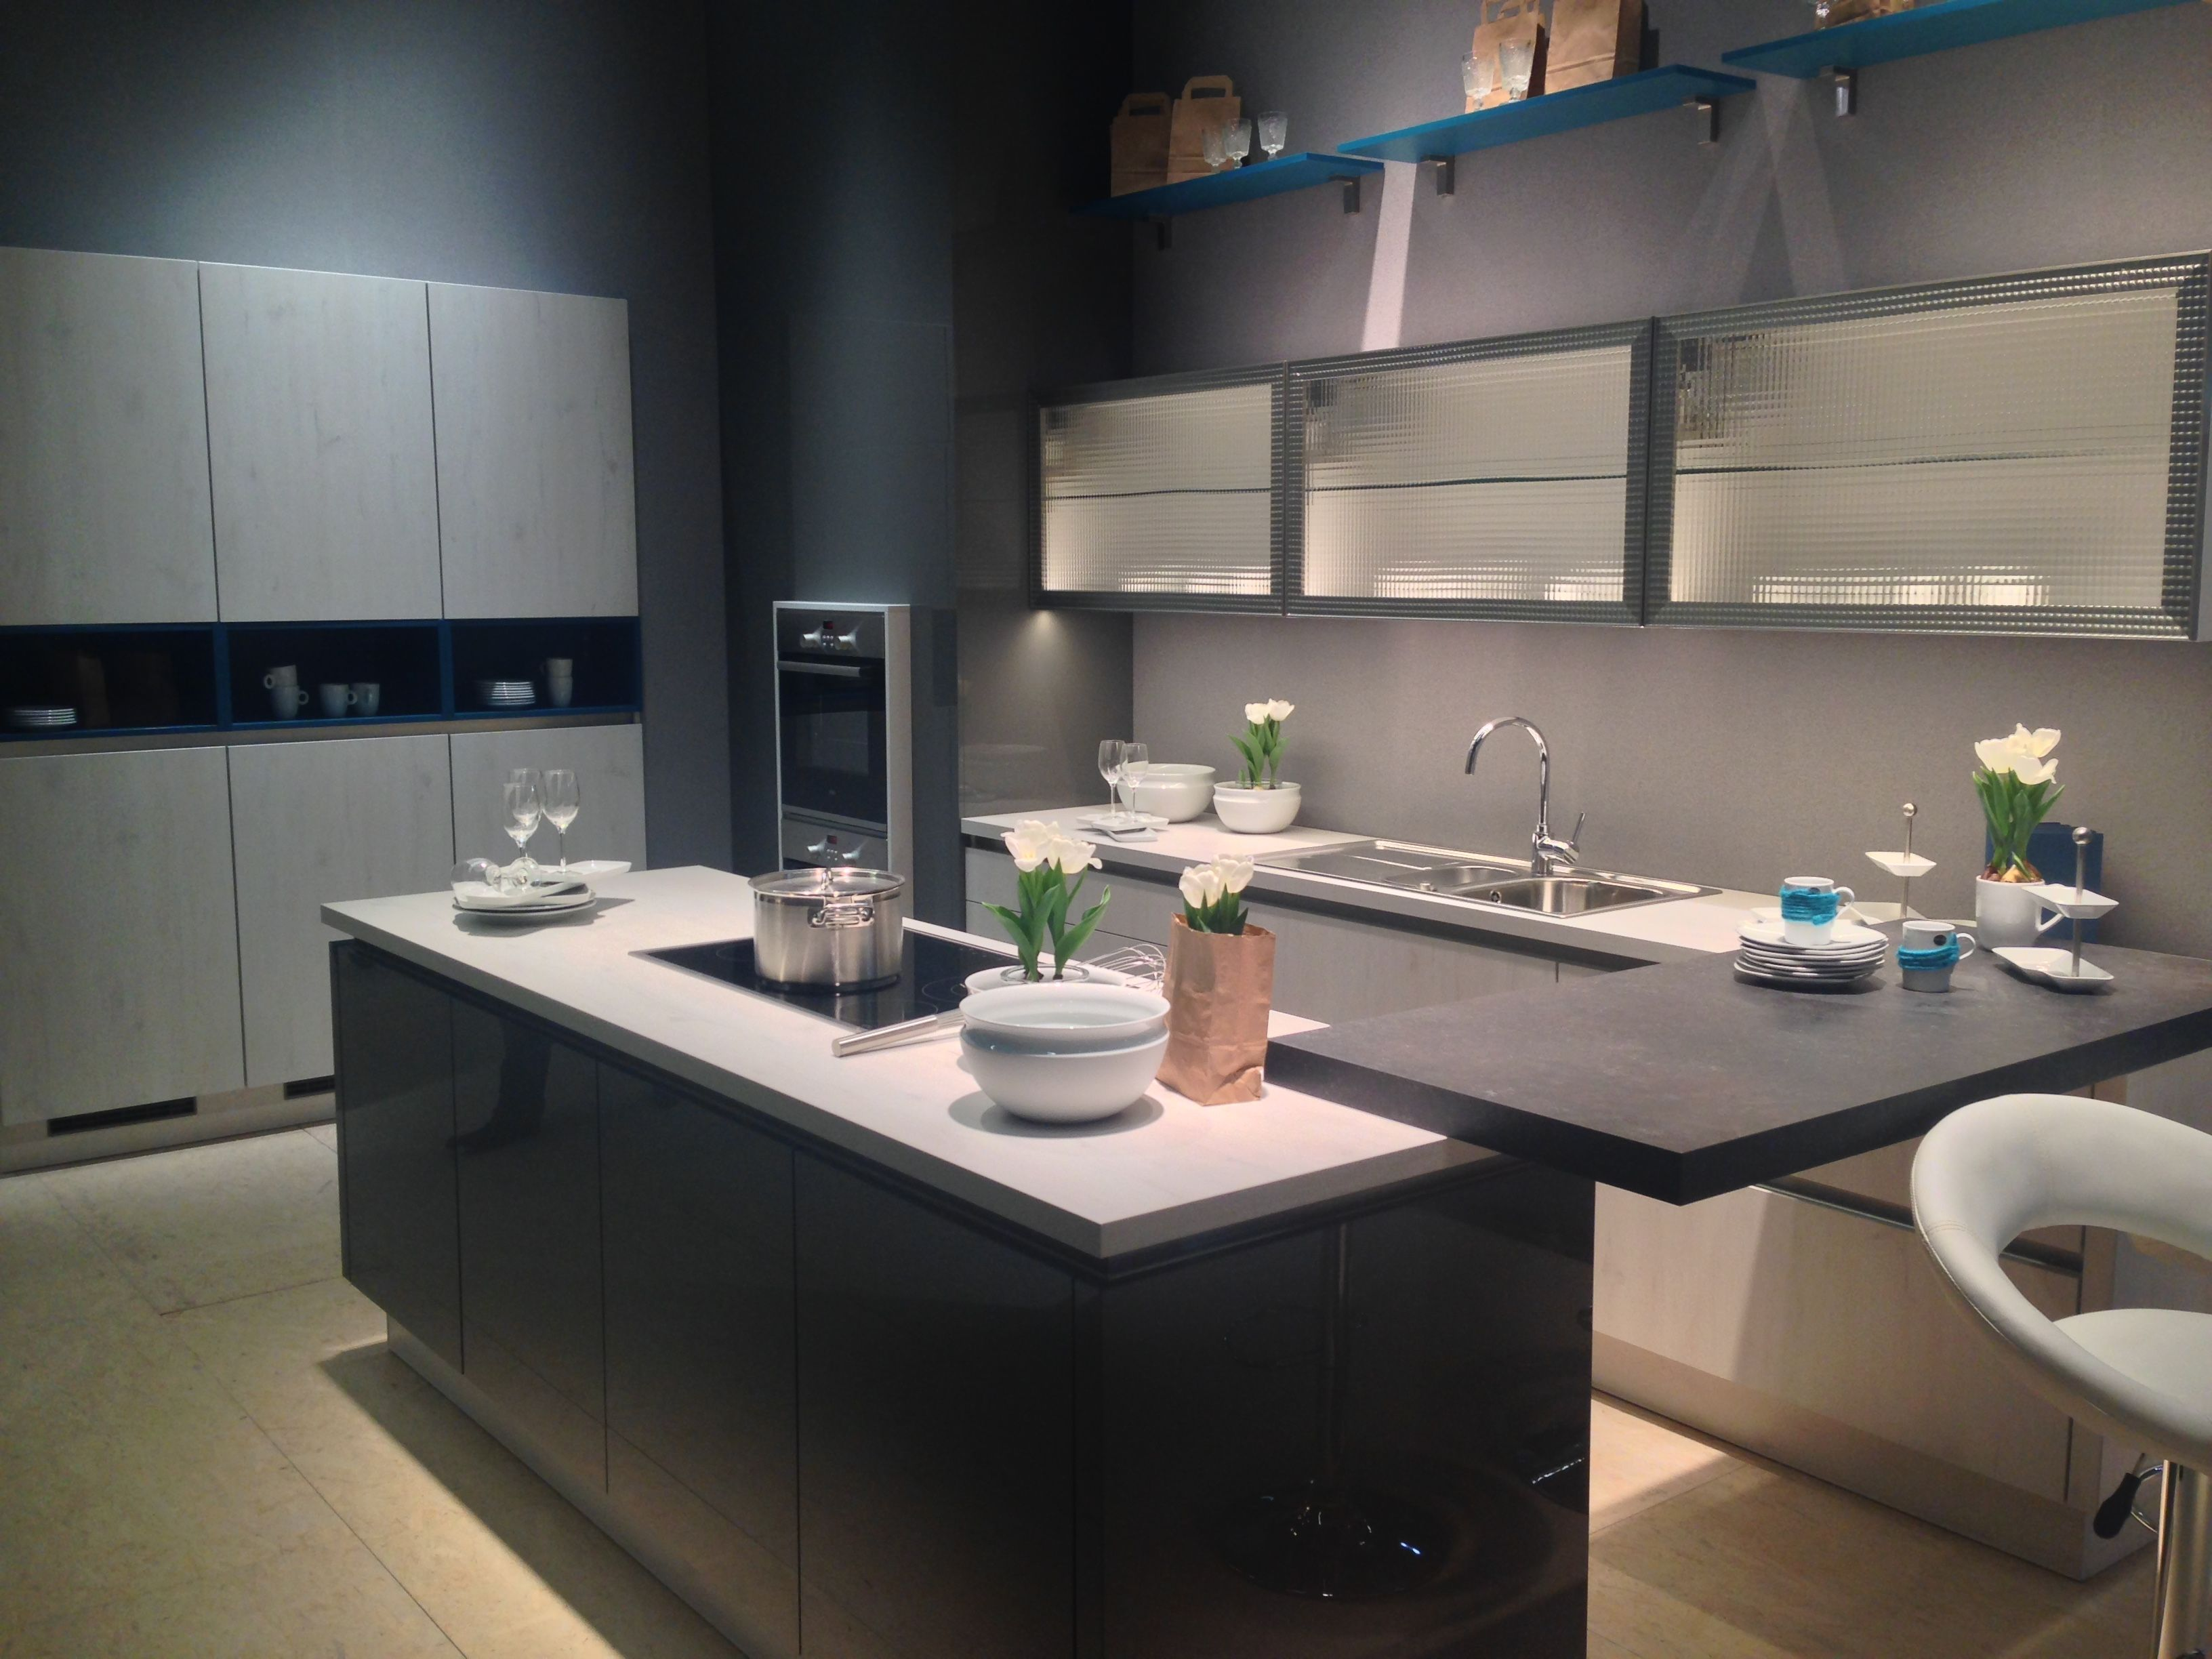 Bauformat Küche bauformat küchen living kitchen 2015 kitchens and modern